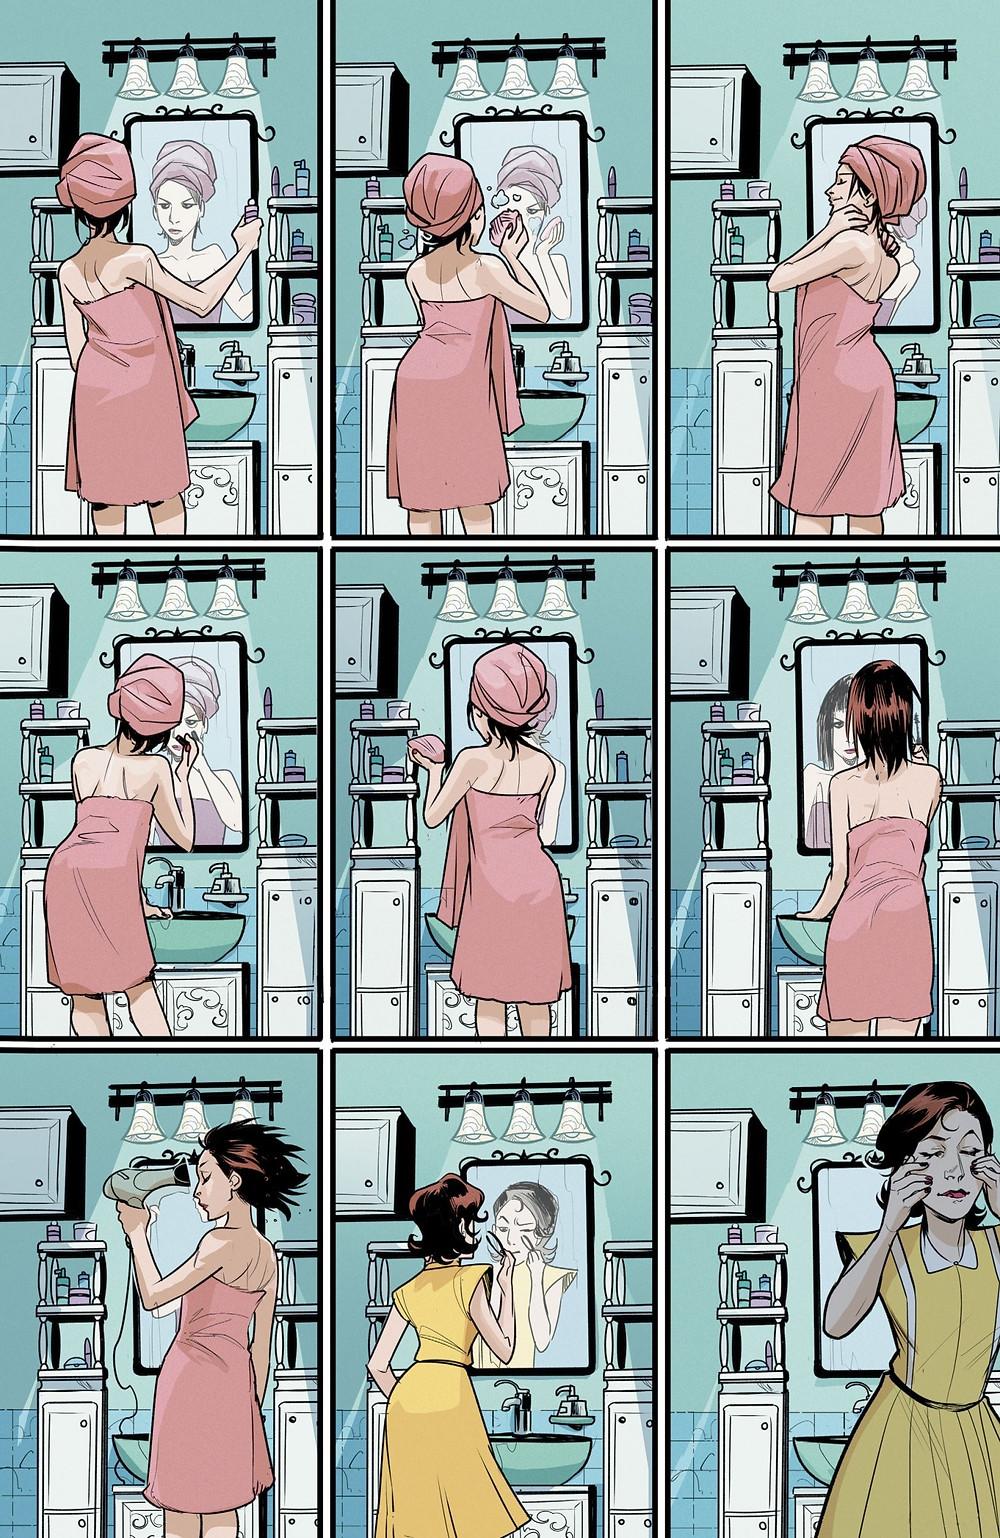 """Фантастический комикс о семейных отношениях """"Моя жена ведьма"""" Hex Wives. Страница 13"""